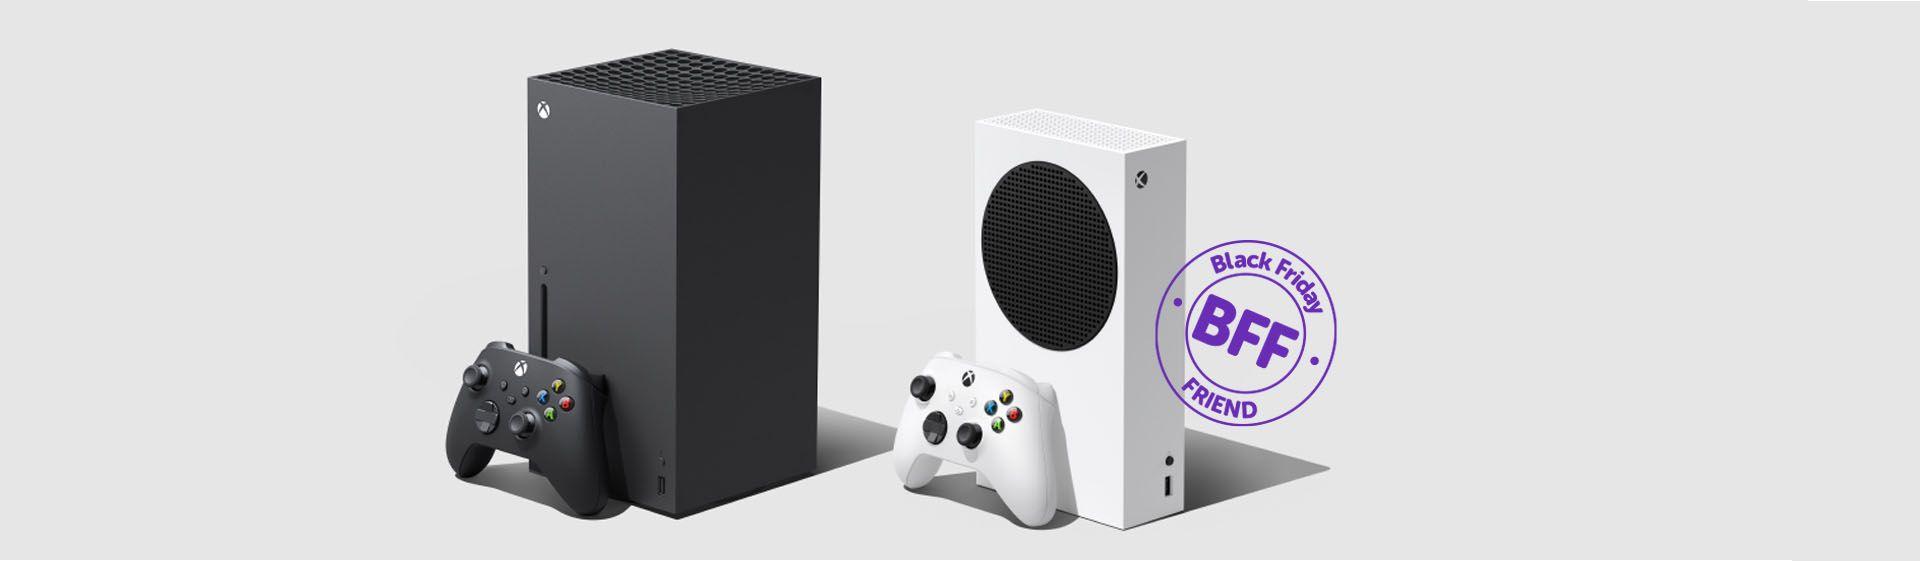 Xbox Series X vs Series S: diferenças entre os consoles da Microsoft